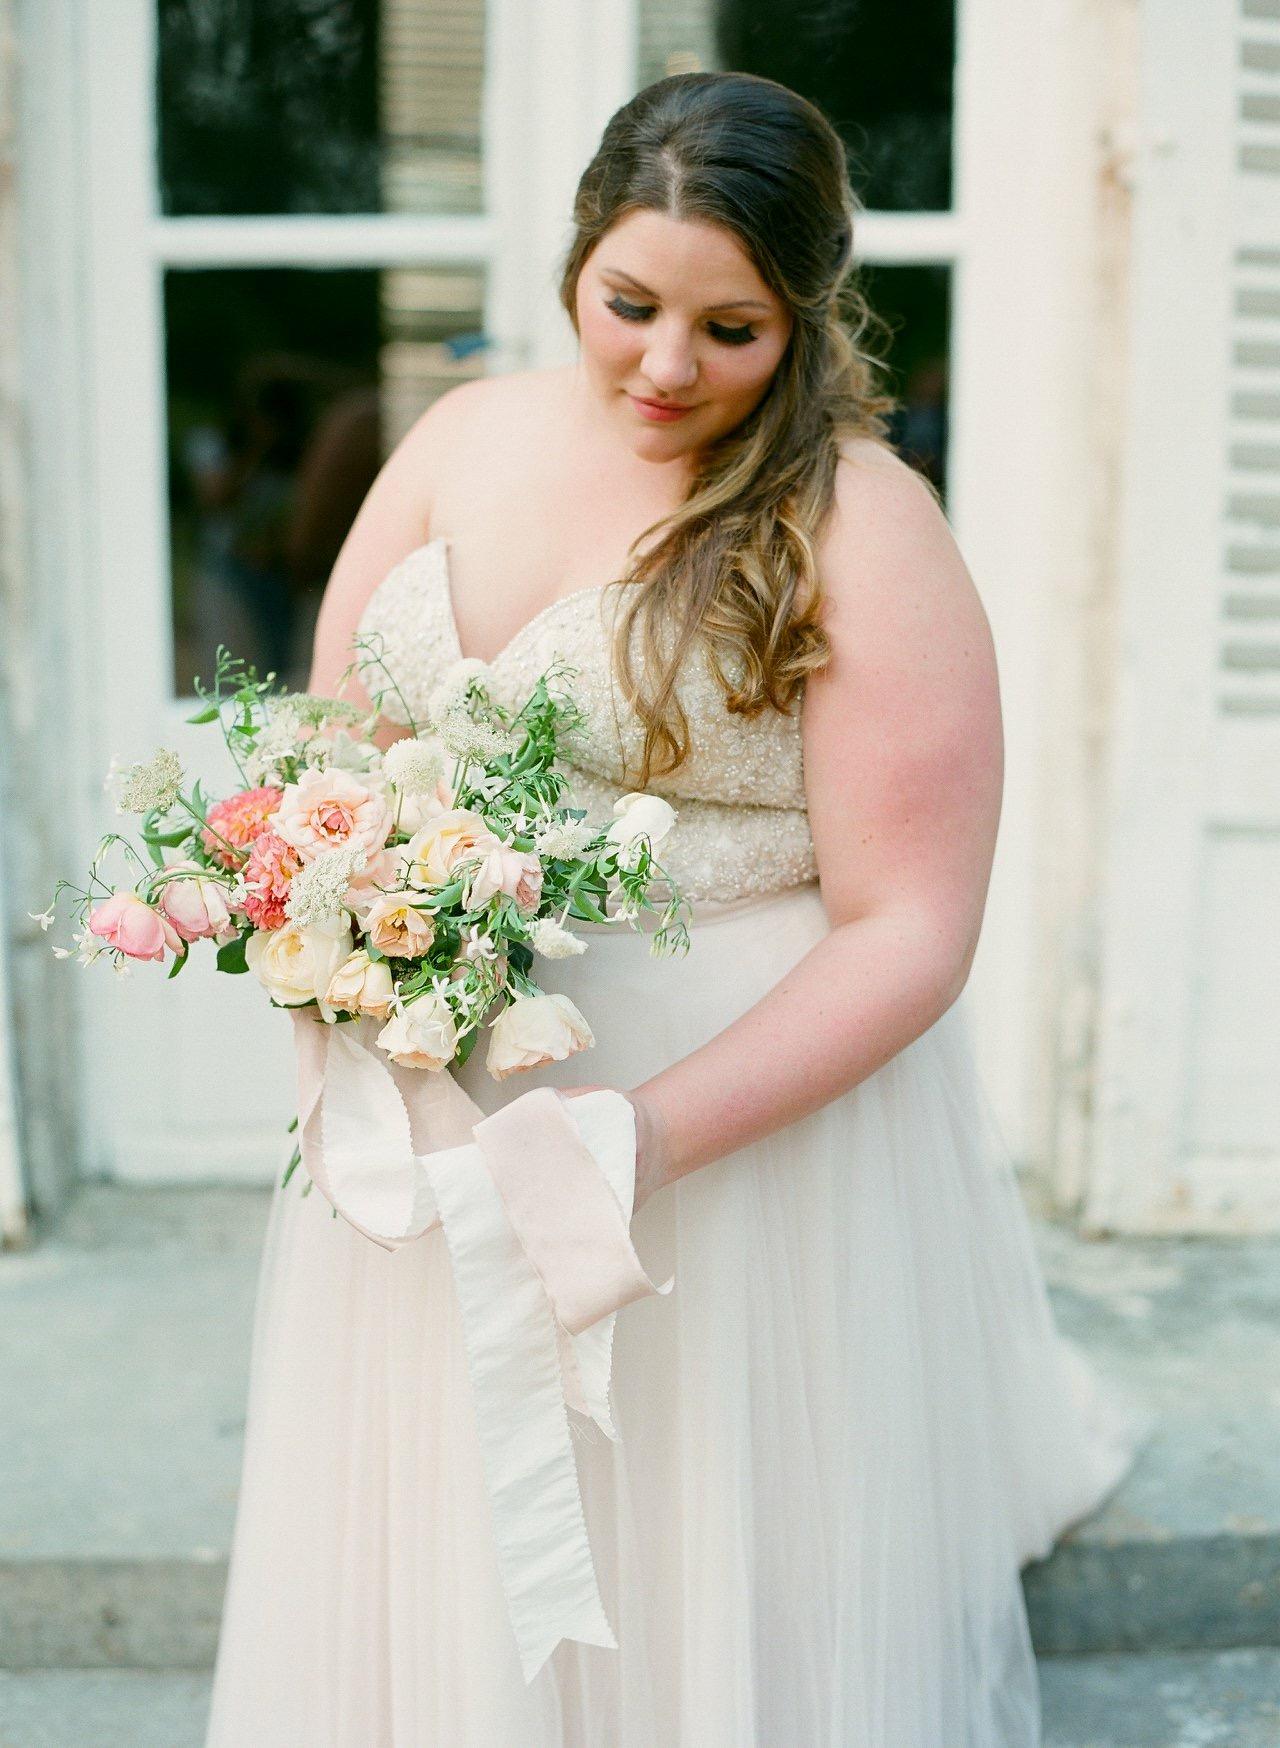 destination-wedding-makeup-artist